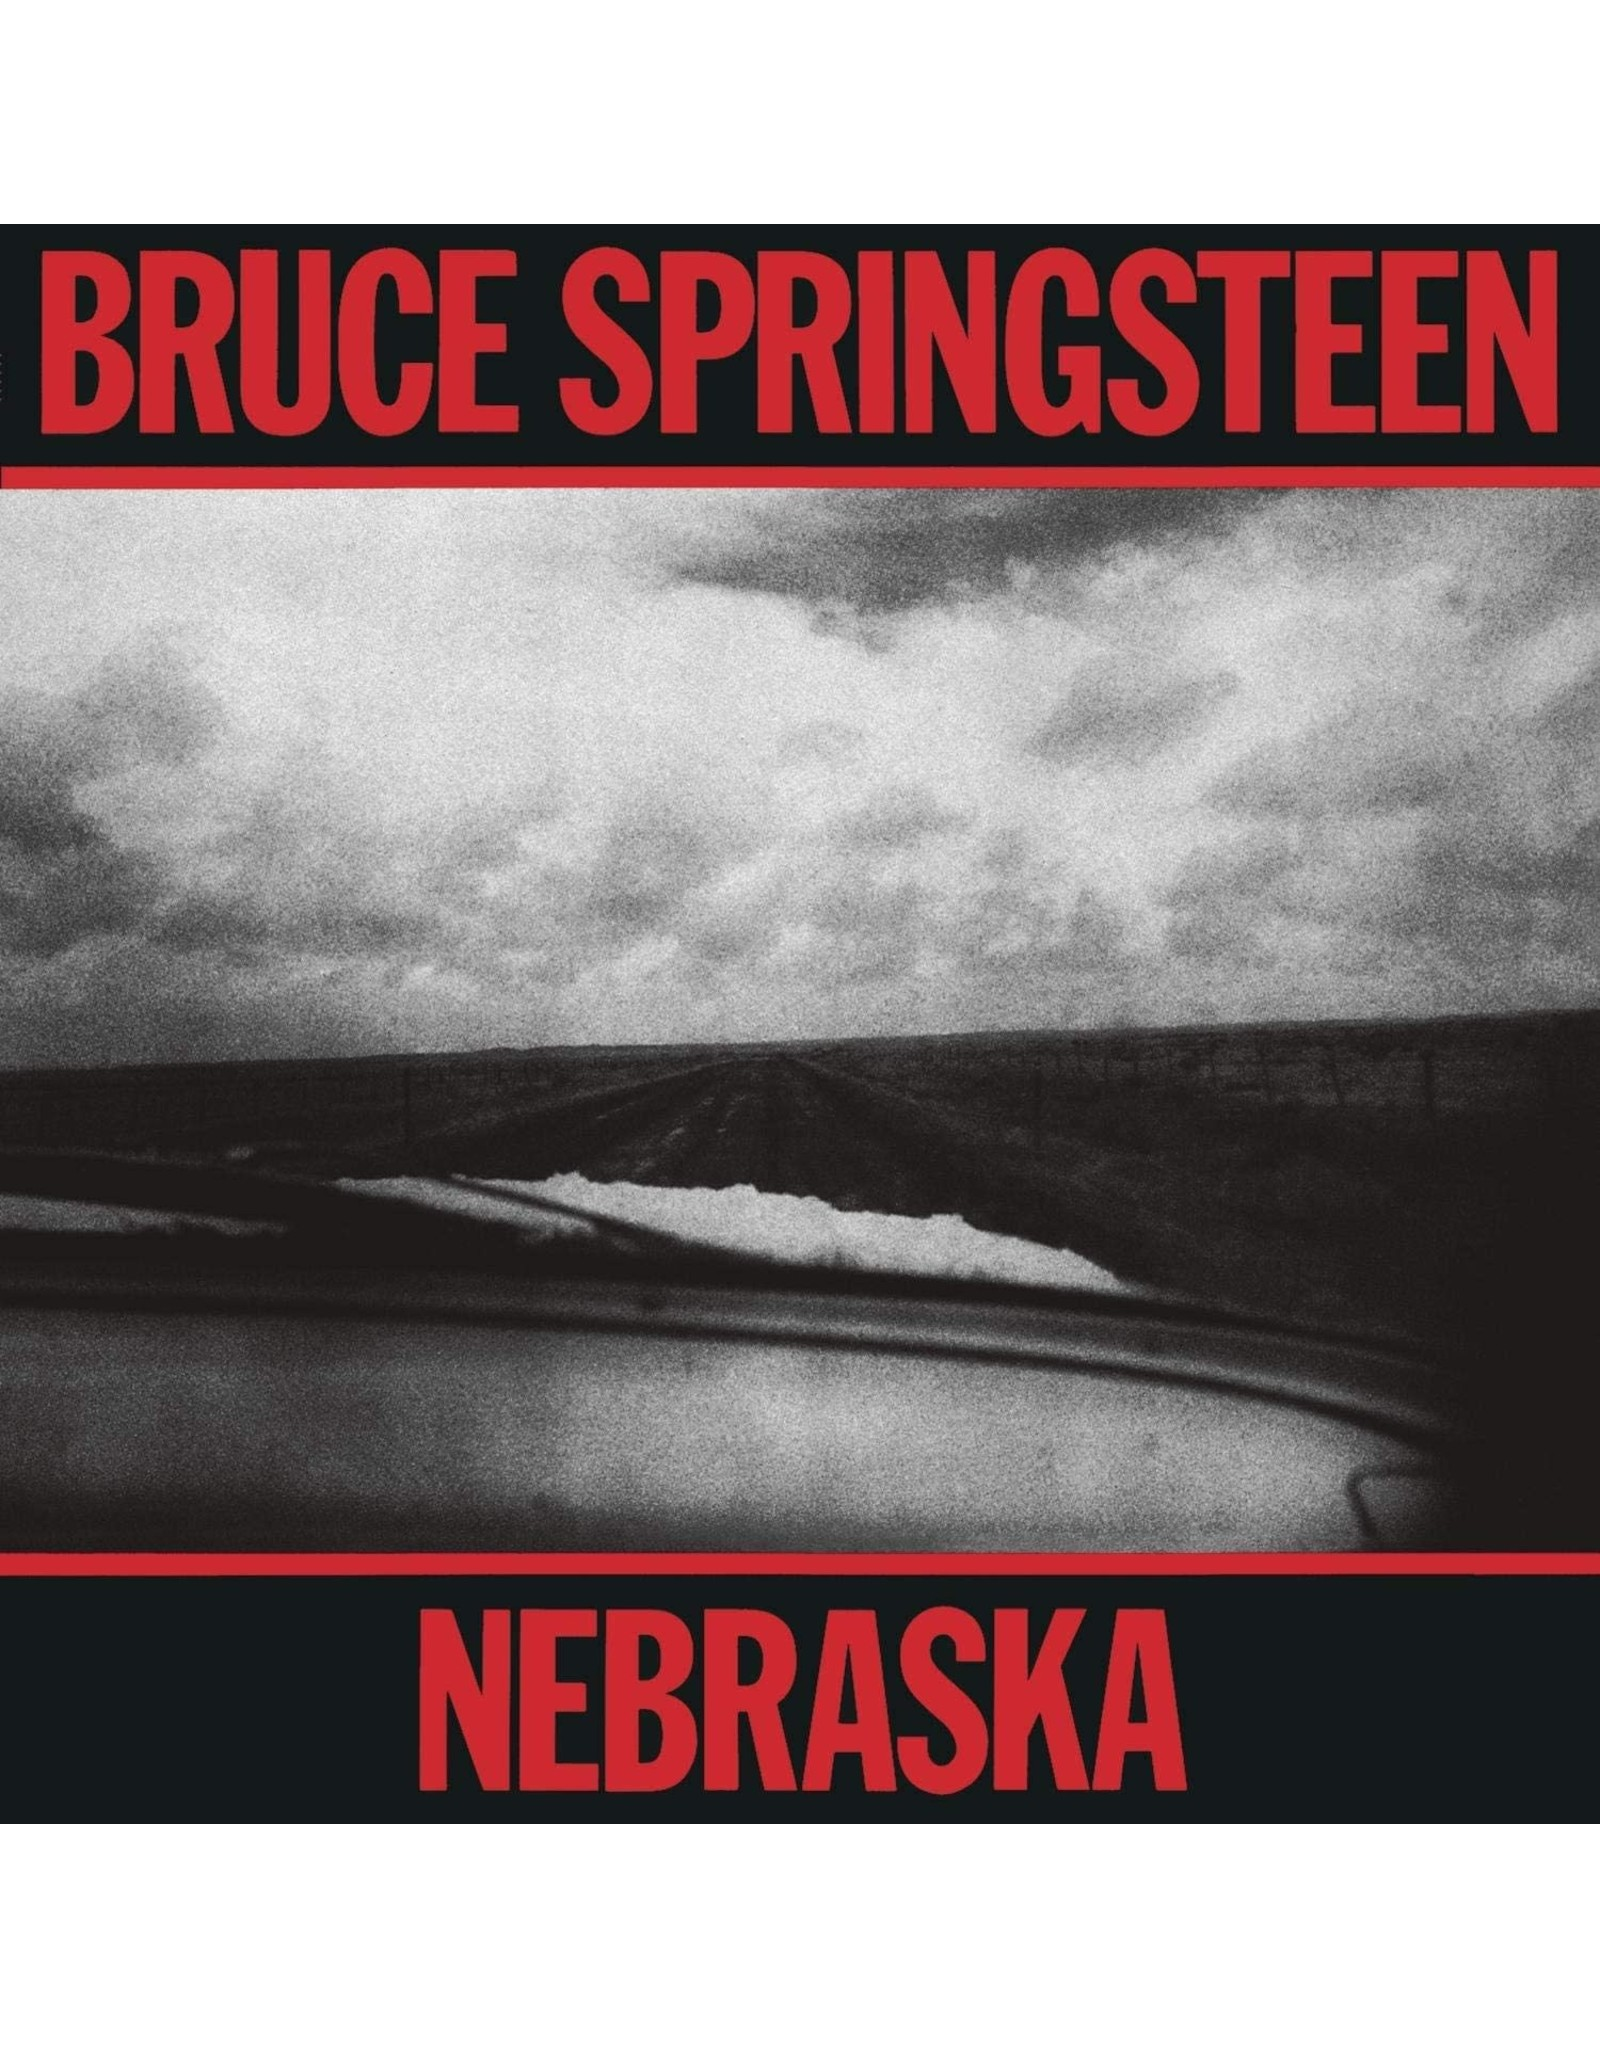 Springsteen, Bruce - Nebraska LP